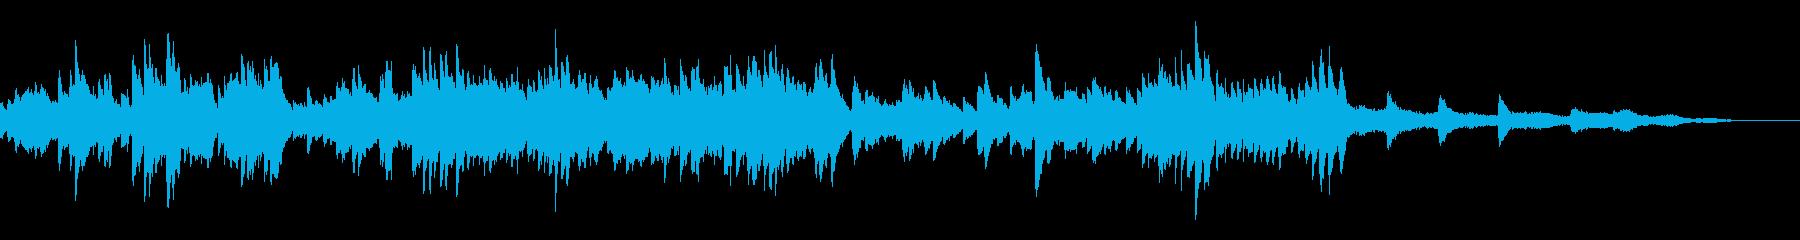 なつかしい感じのピアノ曲です。の再生済みの波形